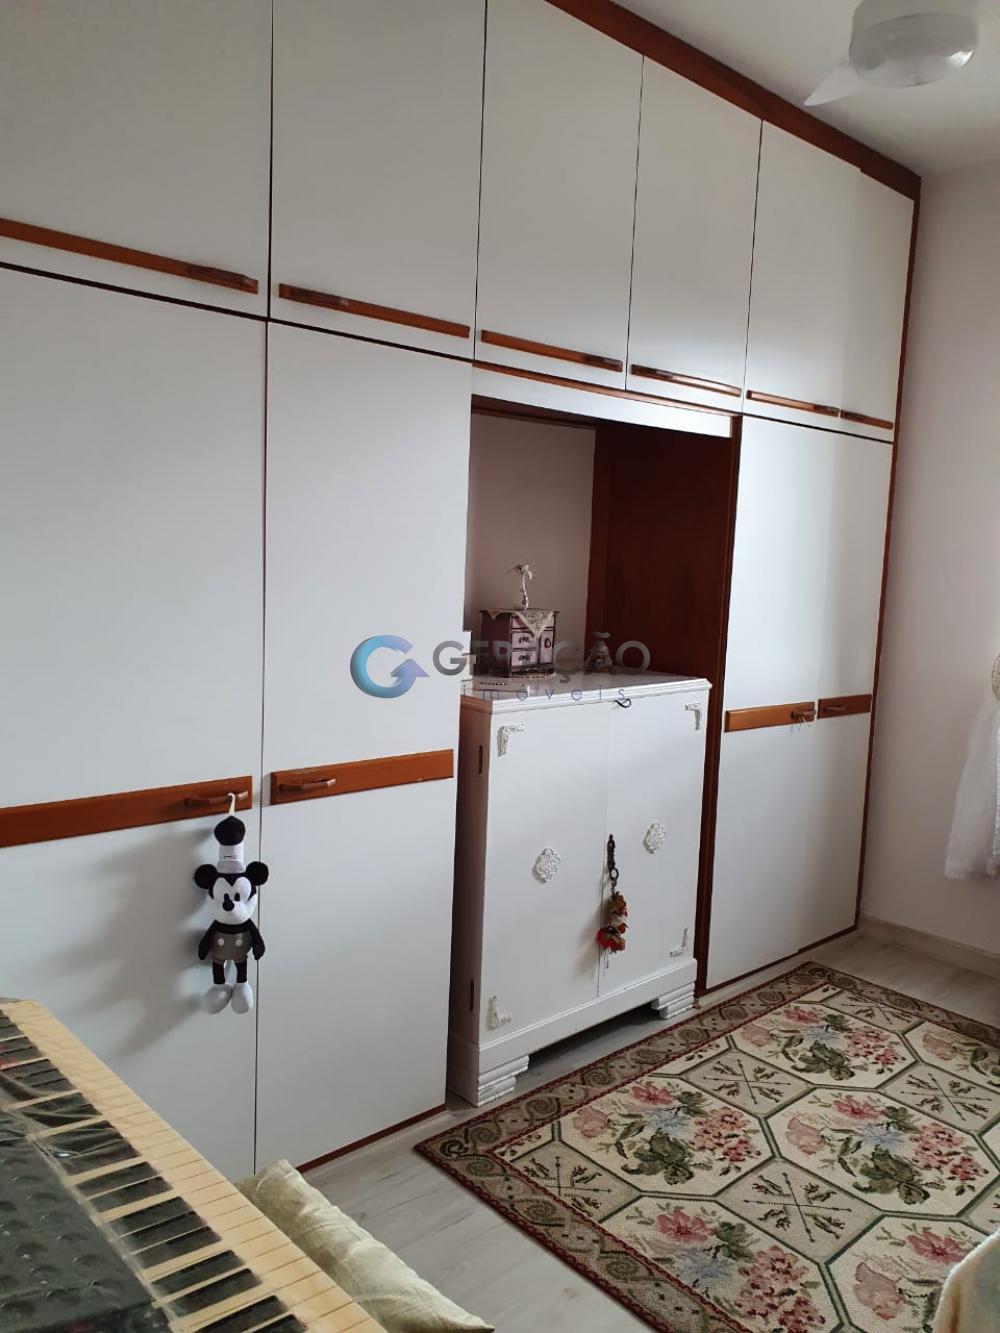 Comprar Apartamento / Padrão em São José dos Campos R$ 330.000,00 - Foto 15